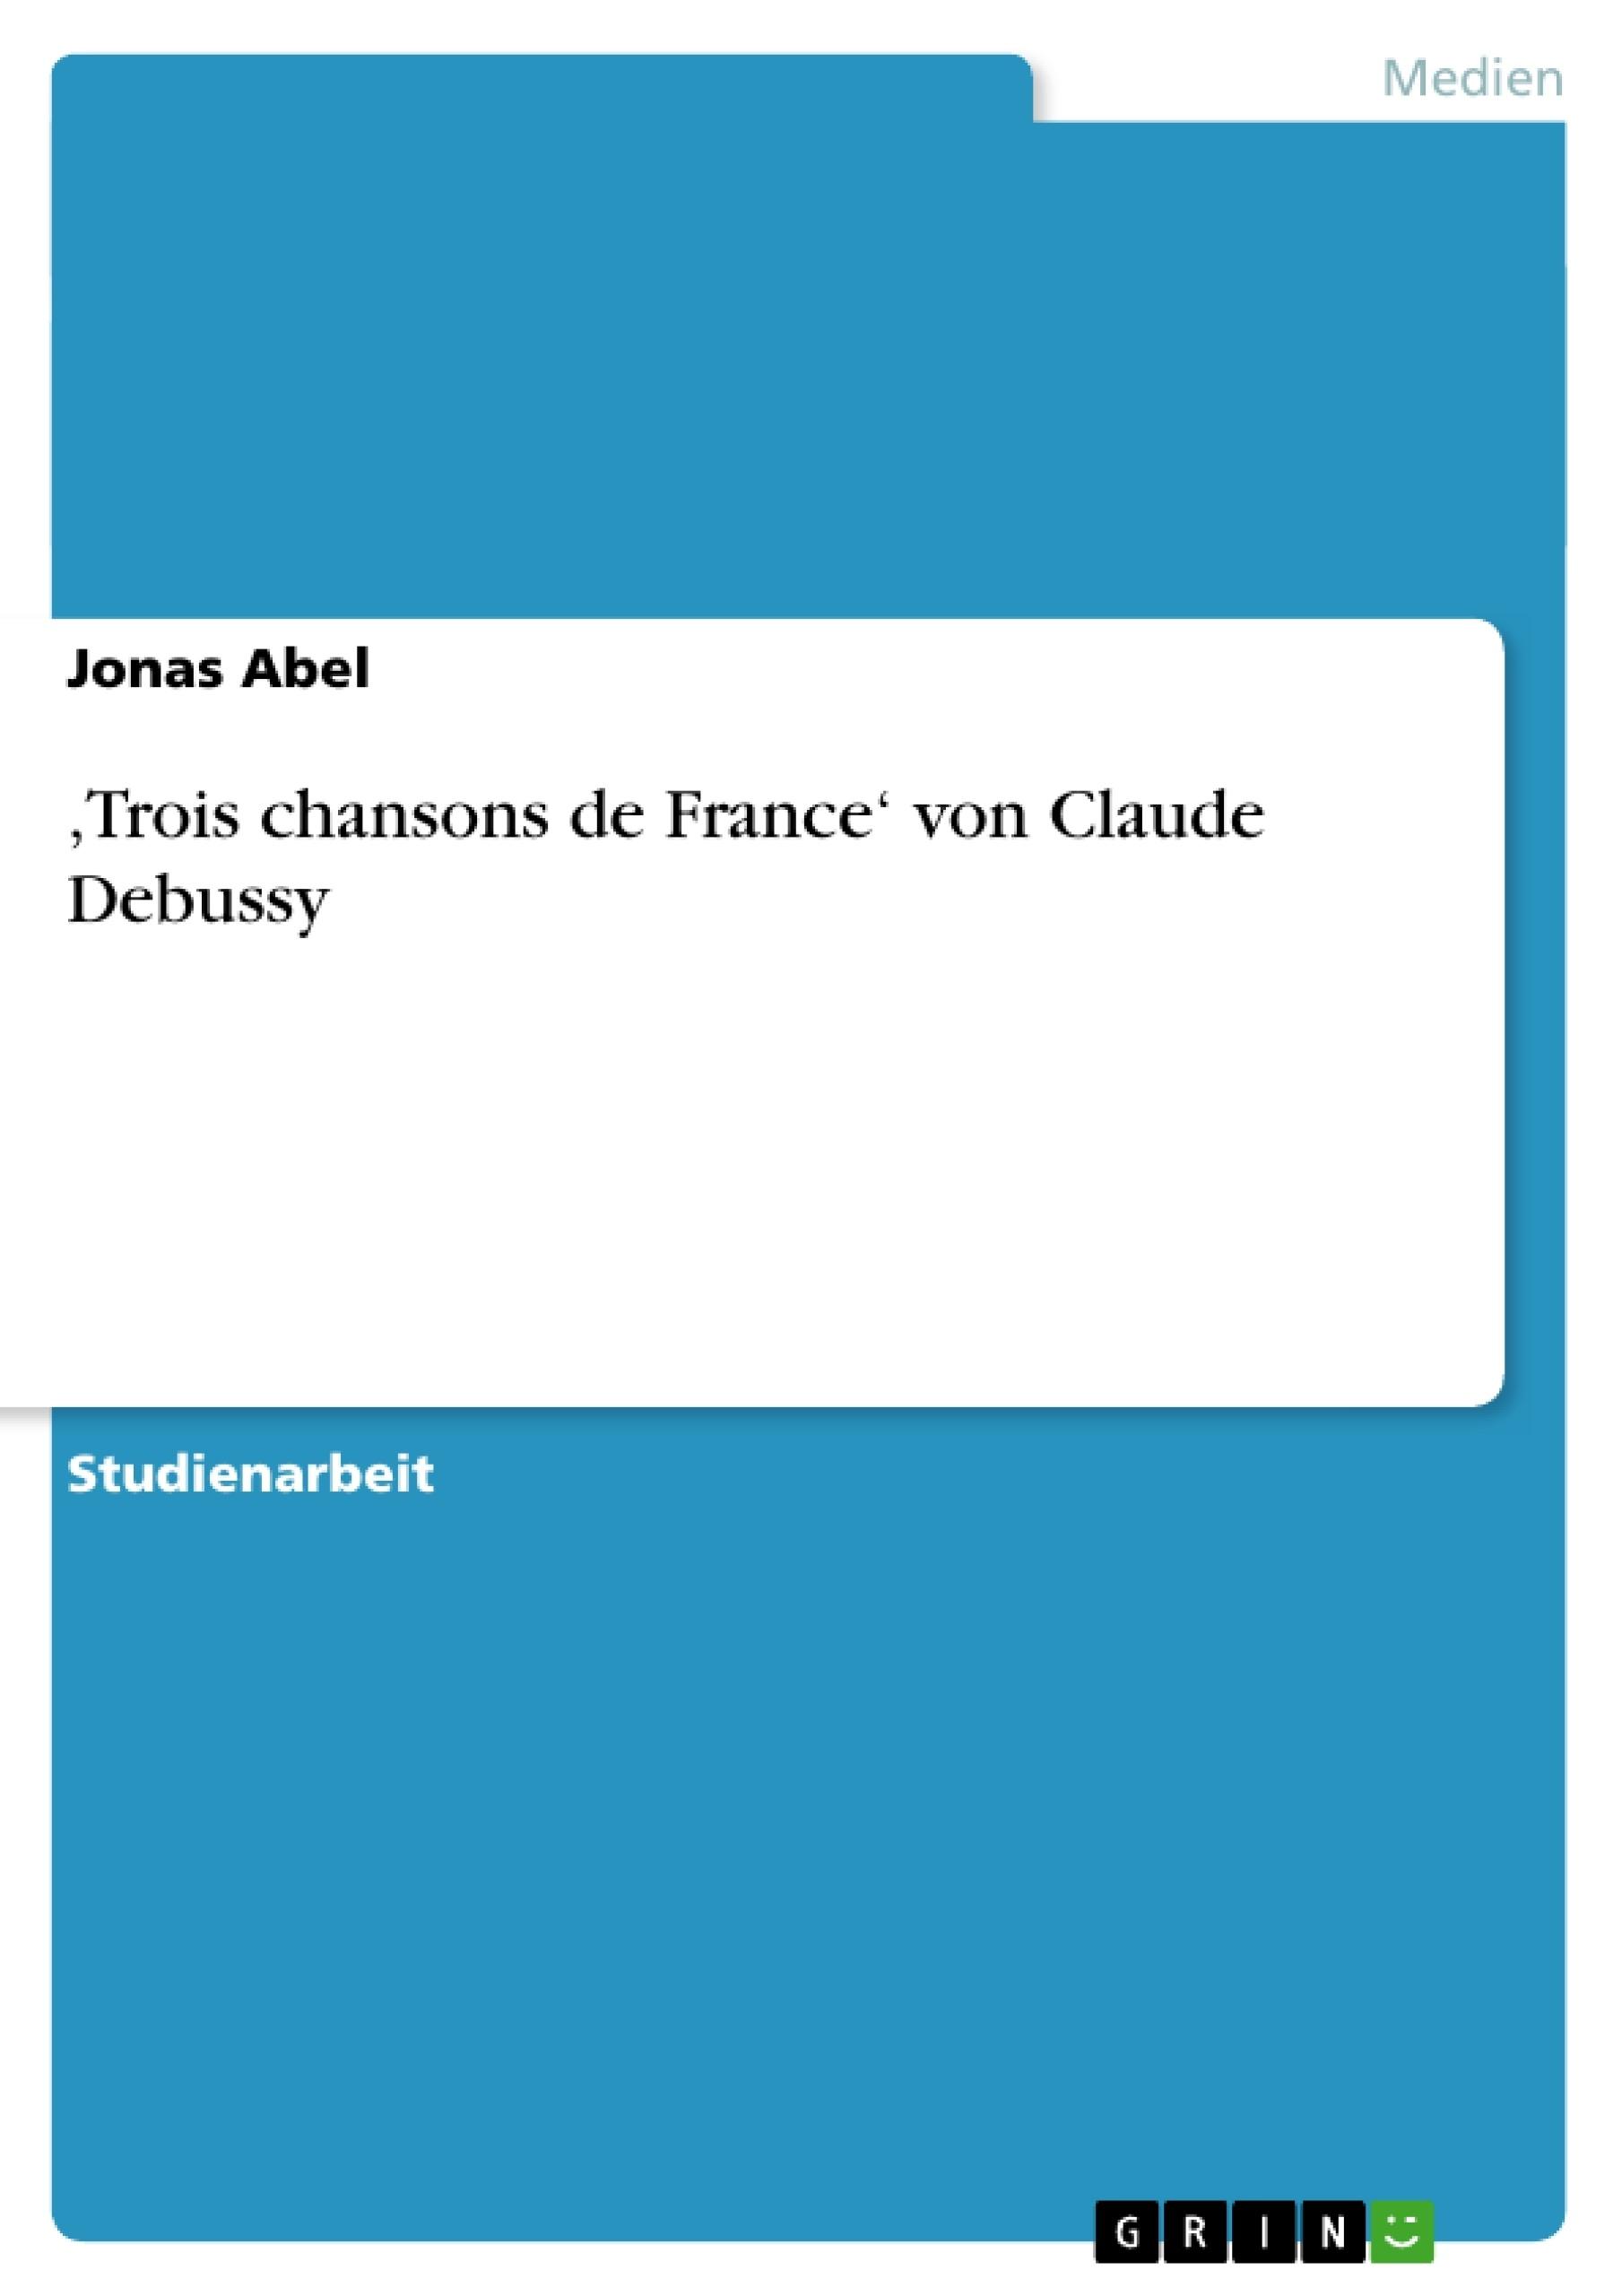 Titel: ,Trois chansons de France' von Claude Debussy